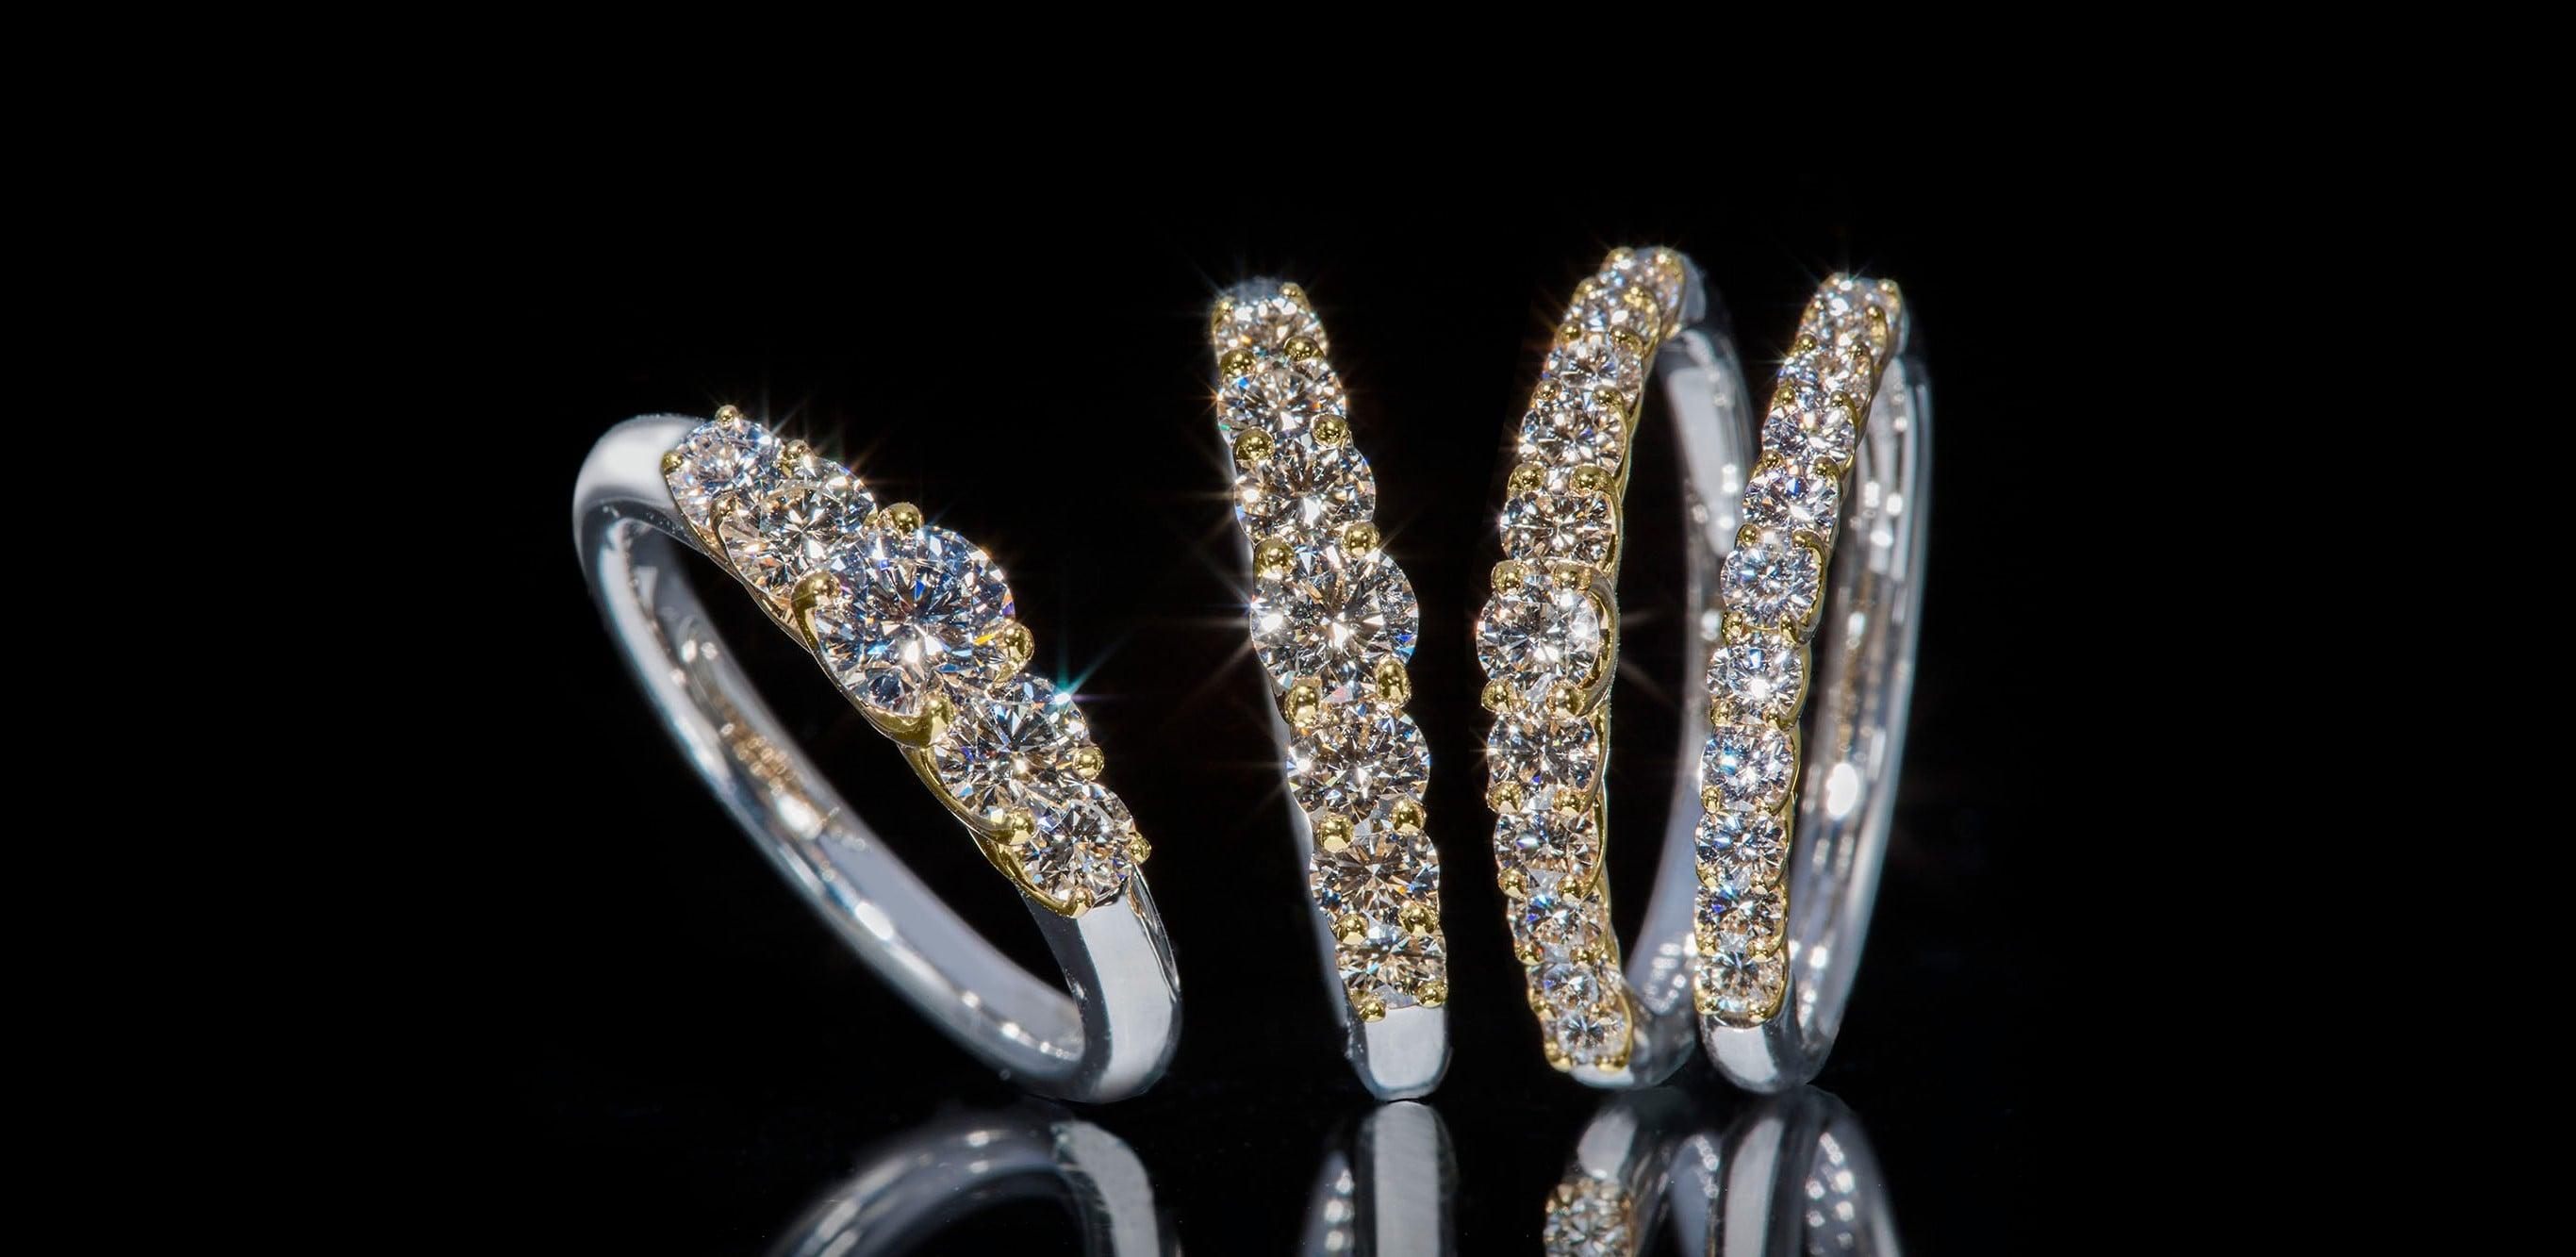 鑽石「懸浮」在鉑金和18K黃金中間的婚戒。鑽石散發出的無色透明光芒連成一片,閃耀奪目。